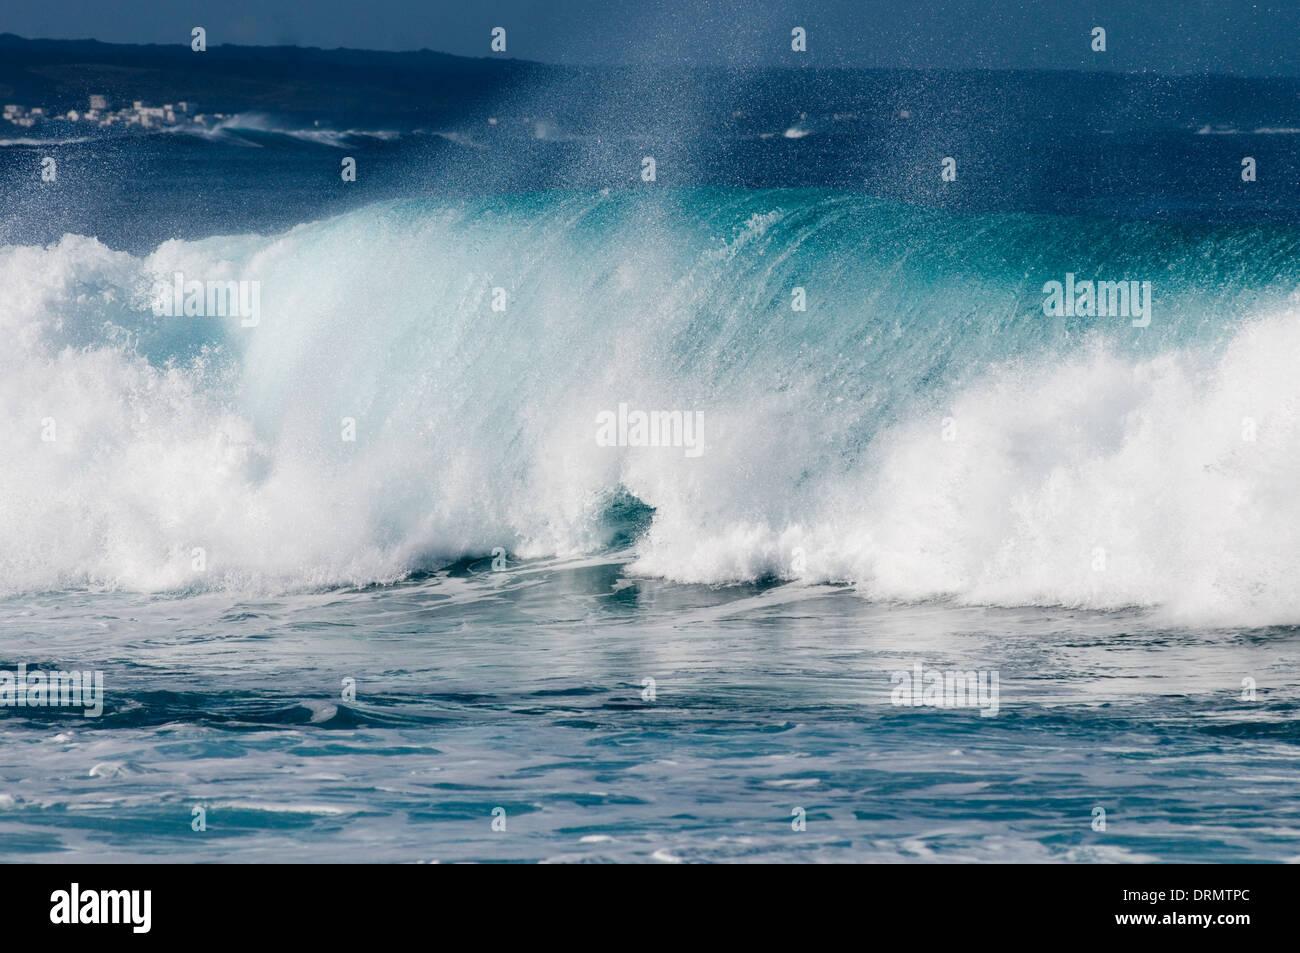 Onda de energía de ondas de agua de mar embravecido mar rompiendo breakers surf spray azul caballos blancos de sal Foto de stock